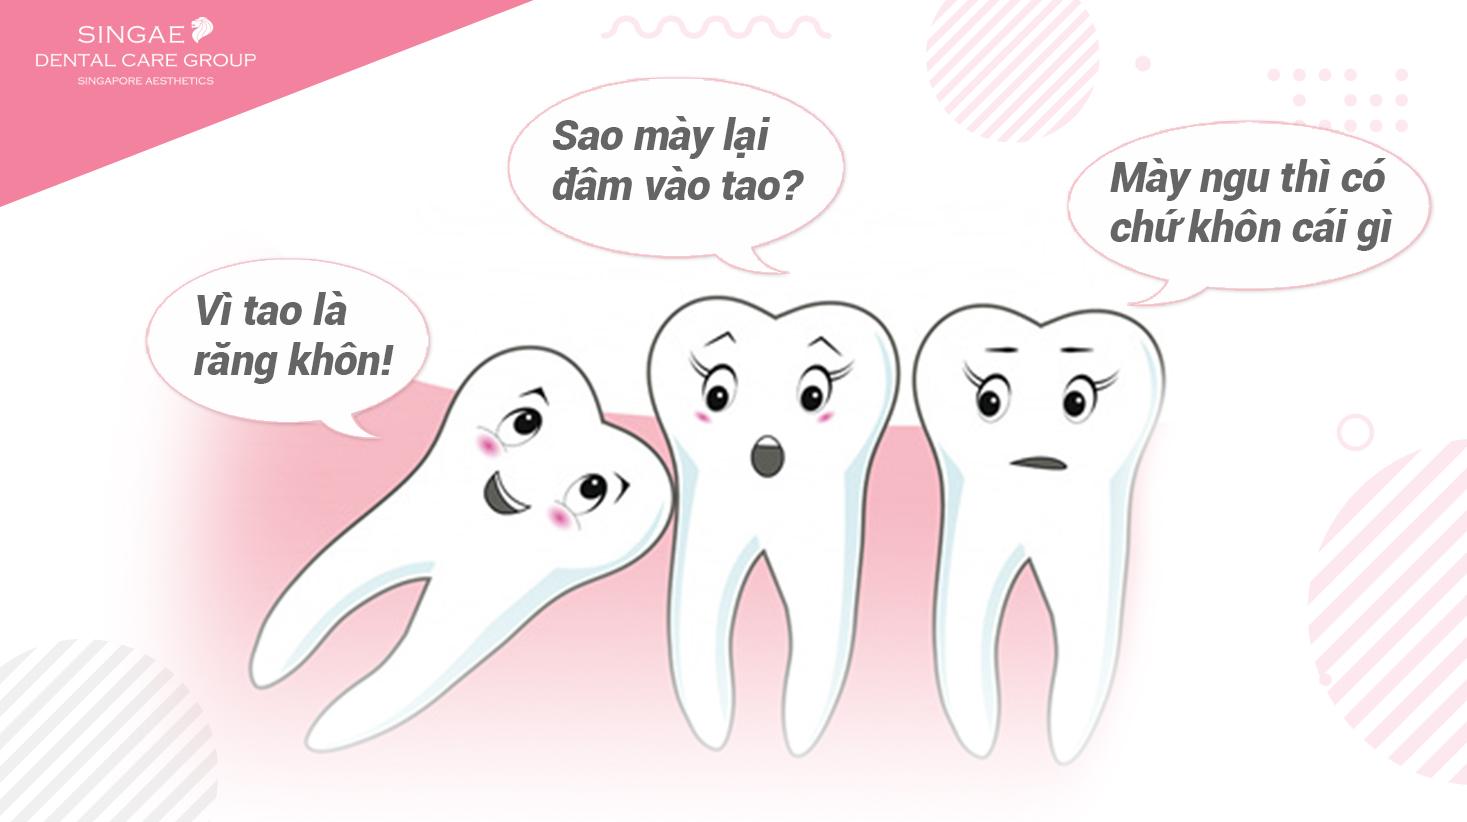 """Đừng để răng khôn trở thành """"răng ngu"""" – Có nên nhổ răng khôn?"""